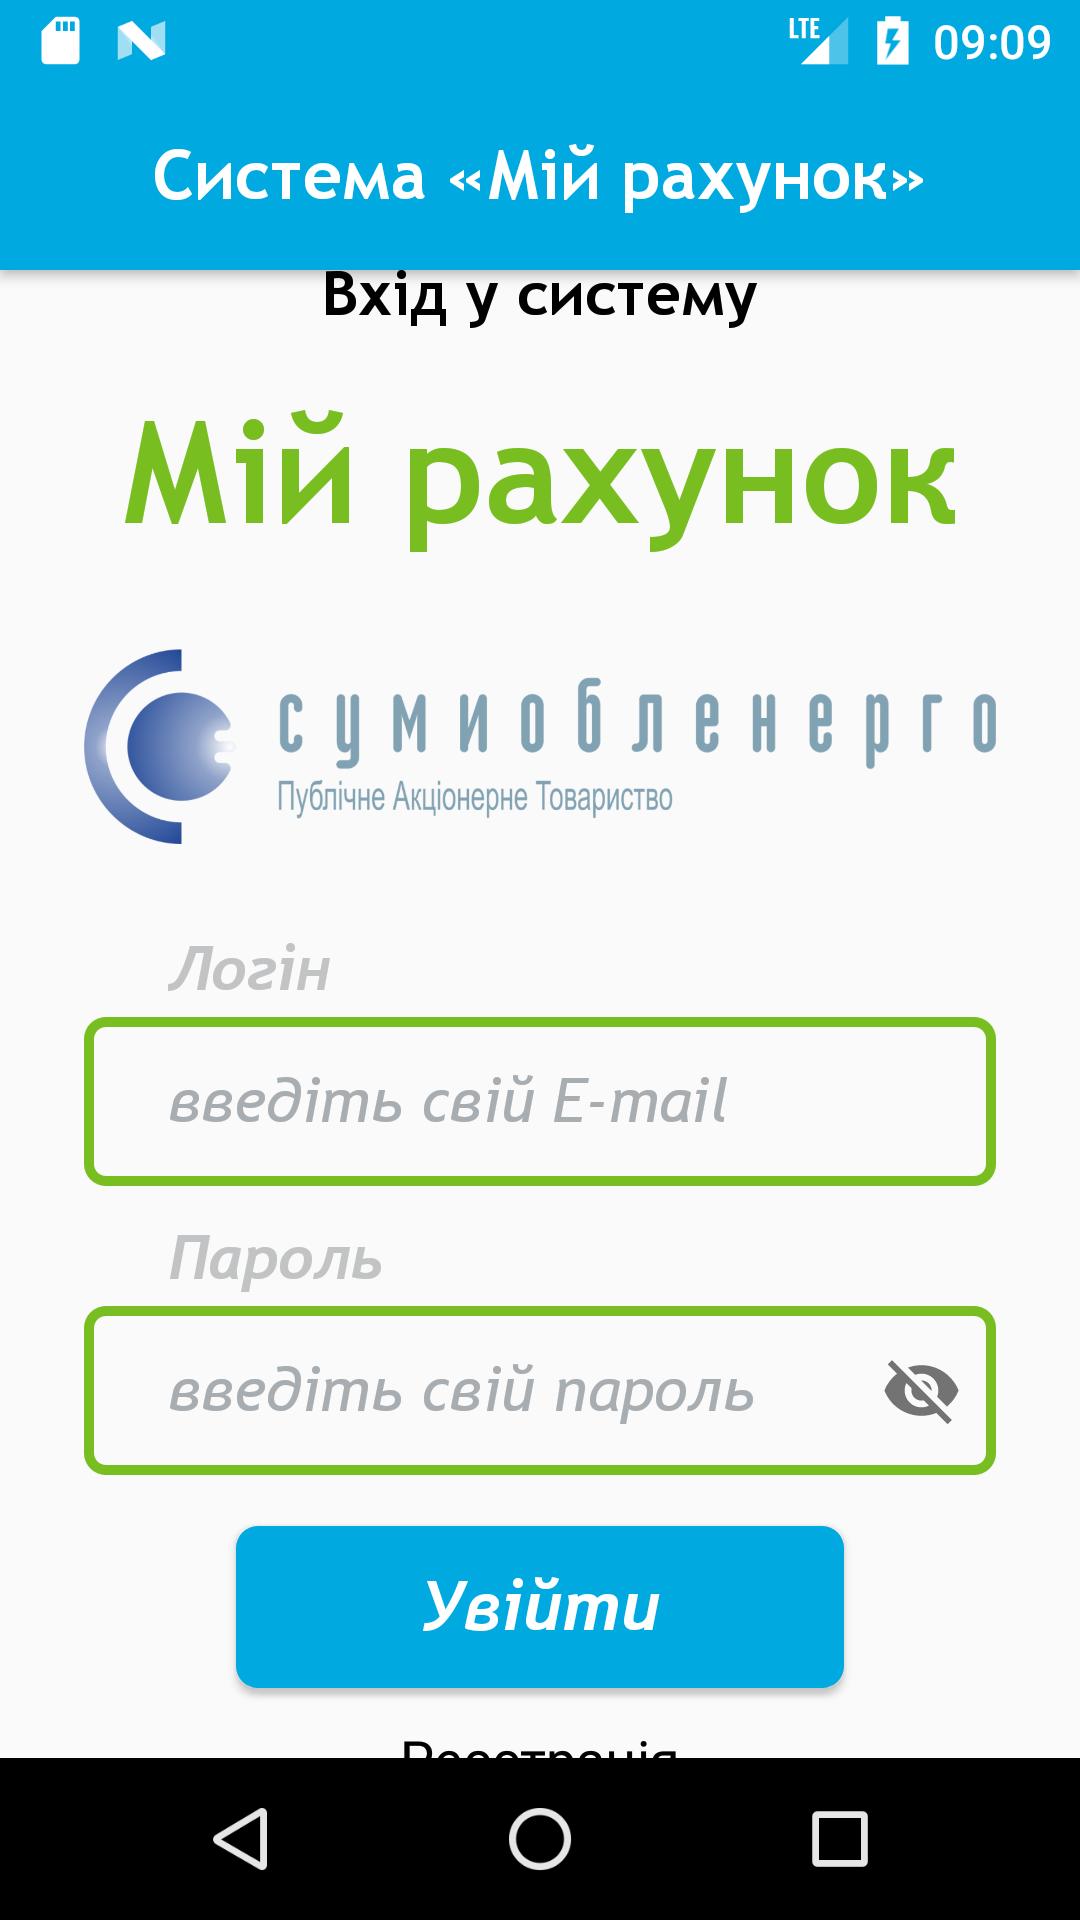 """""""Сумиобленерго"""" запустило мобільний додаток """"Мій рахунок"""" для Android, фото-1"""